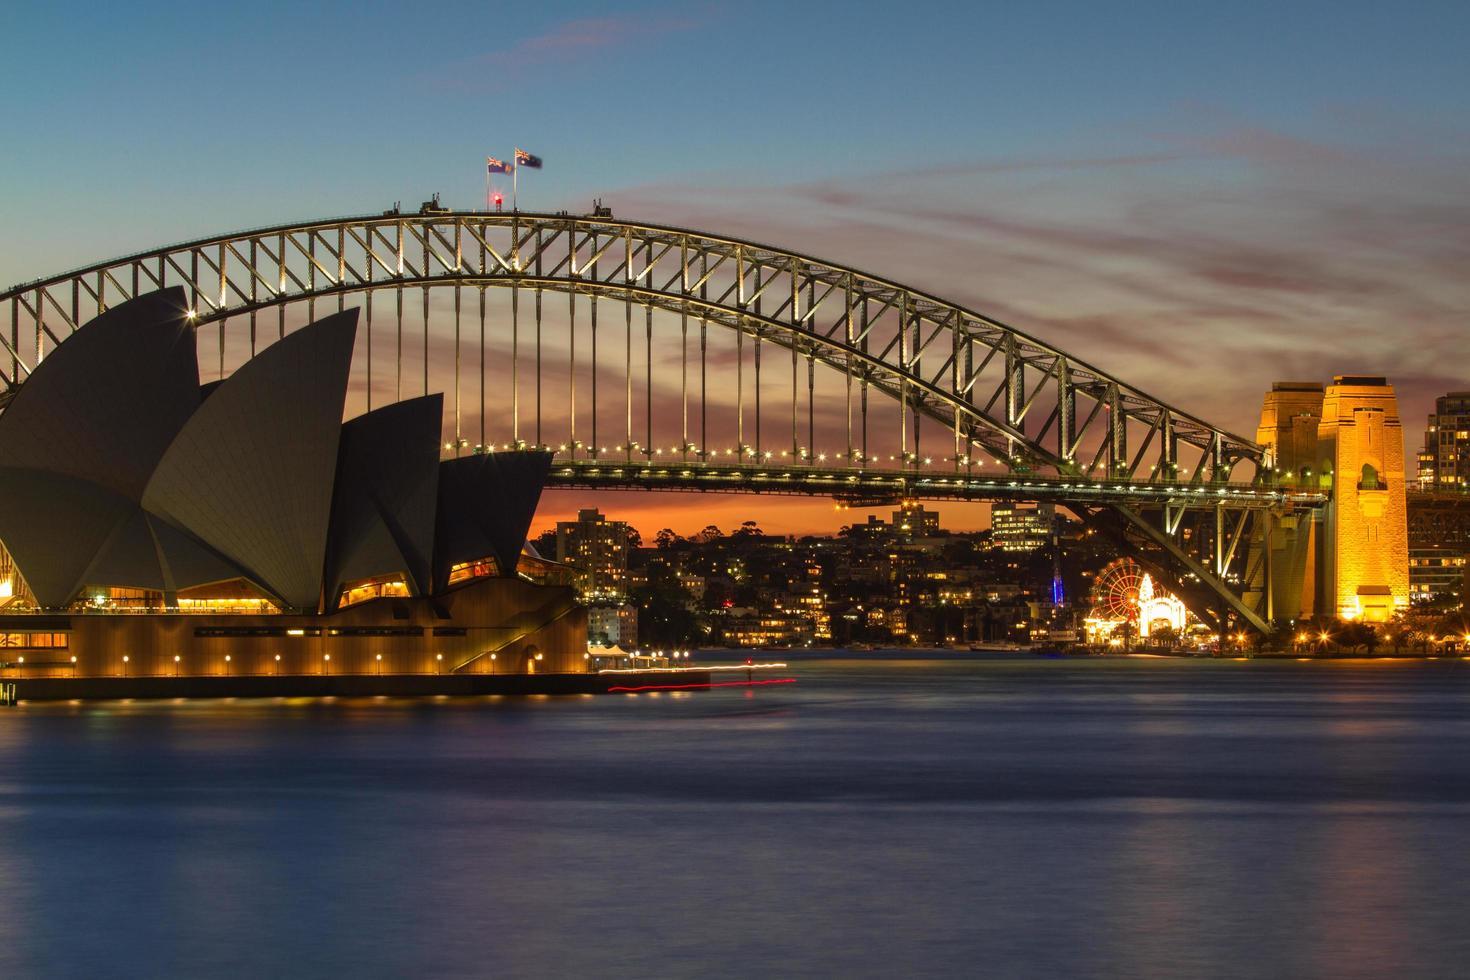 Sydney, Australie, 2020 - Opéra de Sydney et pont de nuit photo